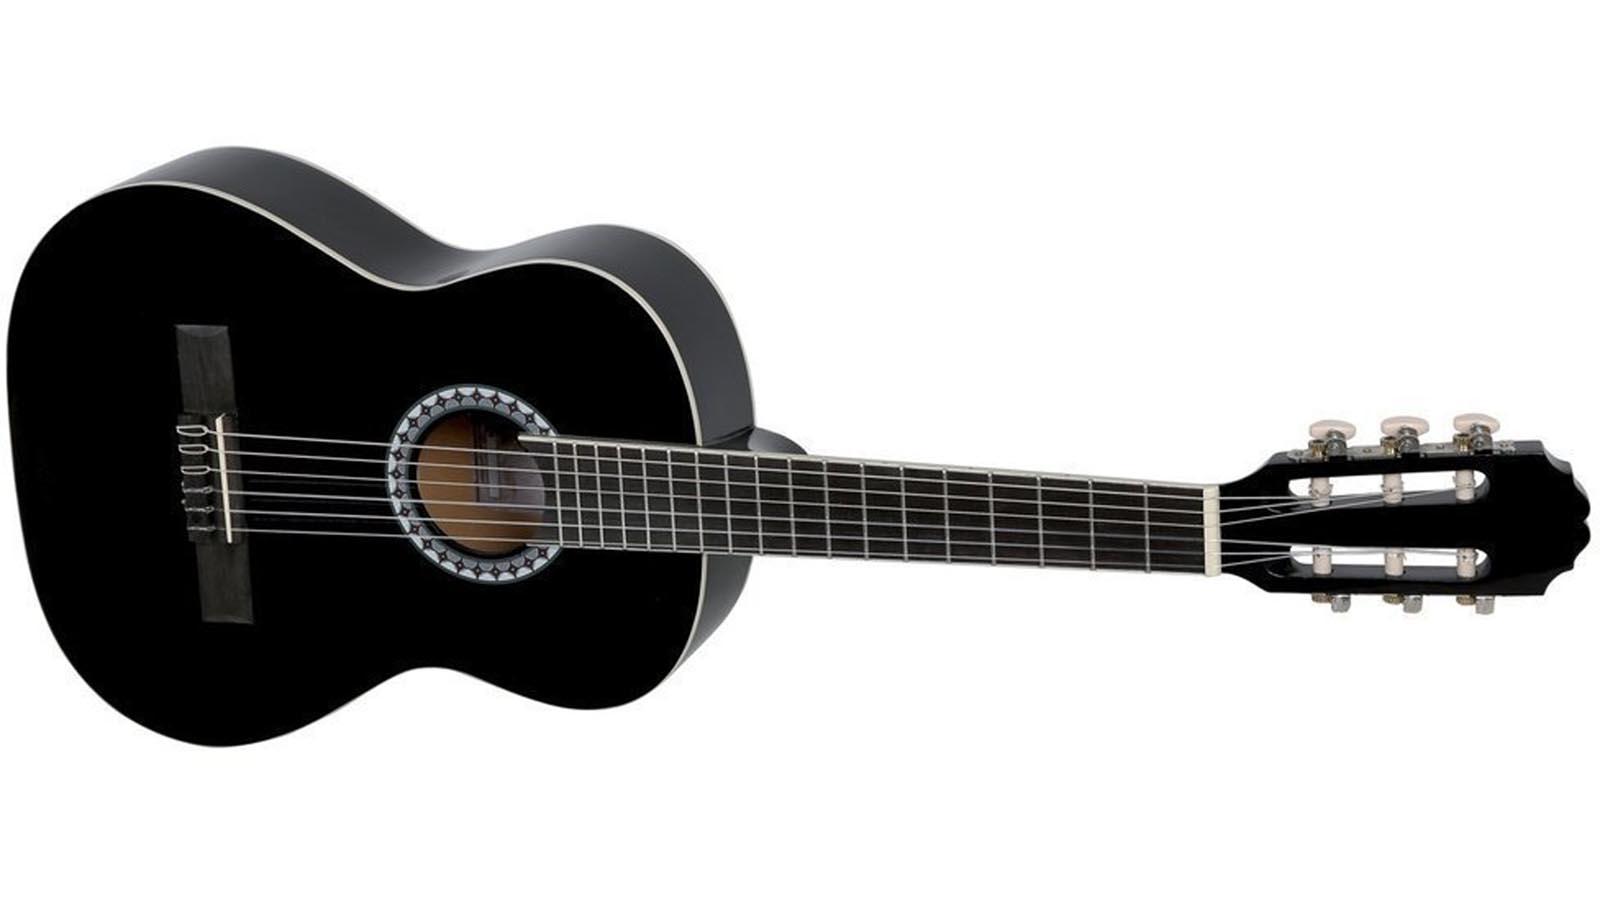 VGS Konzertgitarre 1/2 black Basic